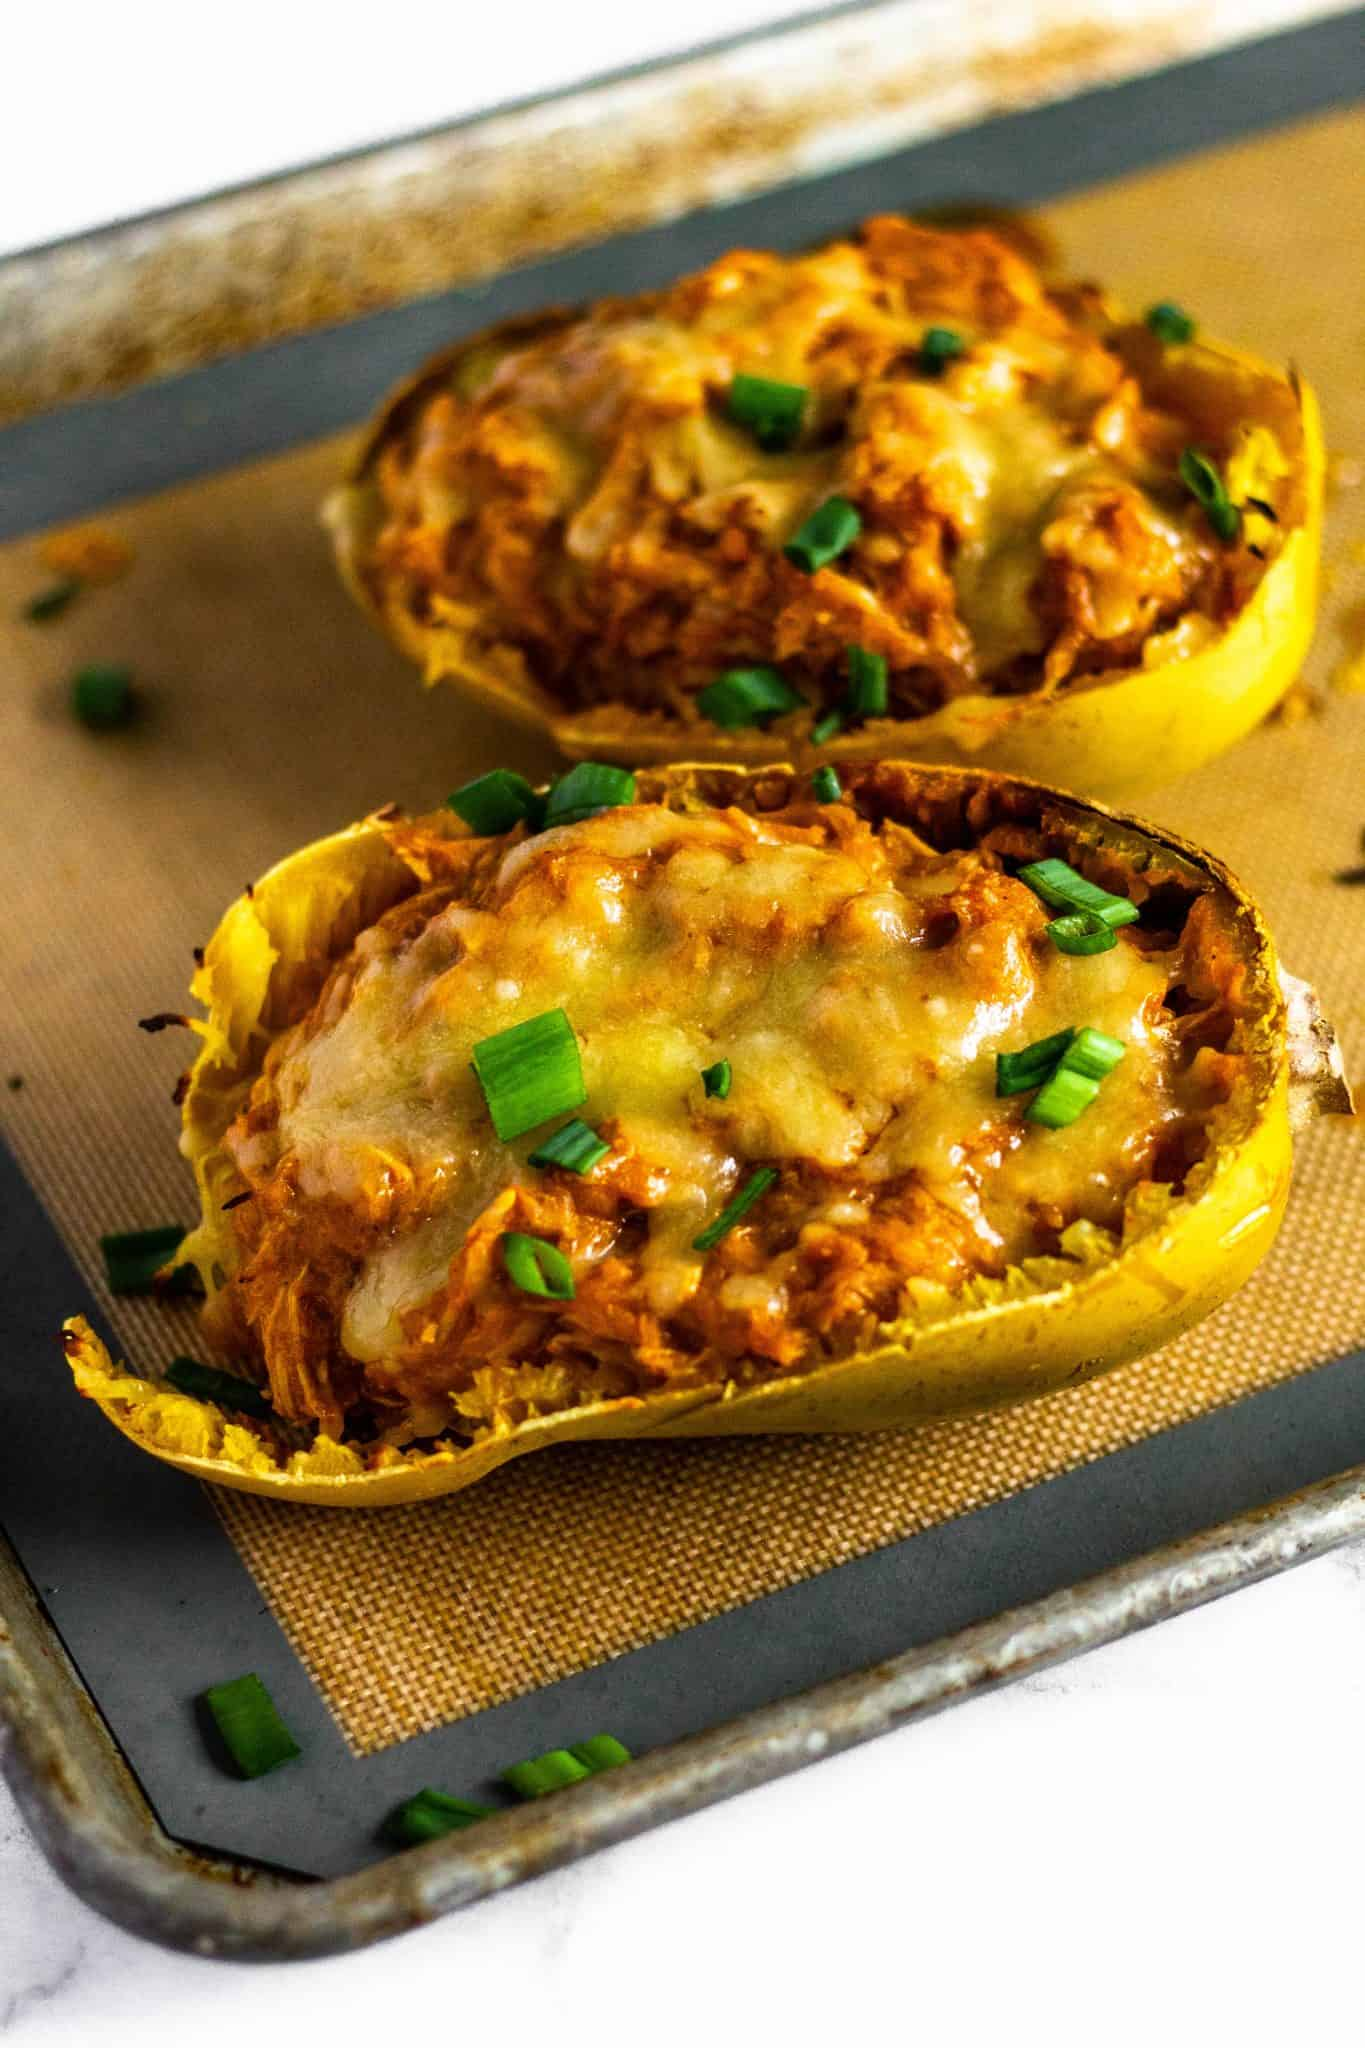 Spaghetti Squash Enchiladas #lowfodmap #healthydinner #tararochfordnutrition